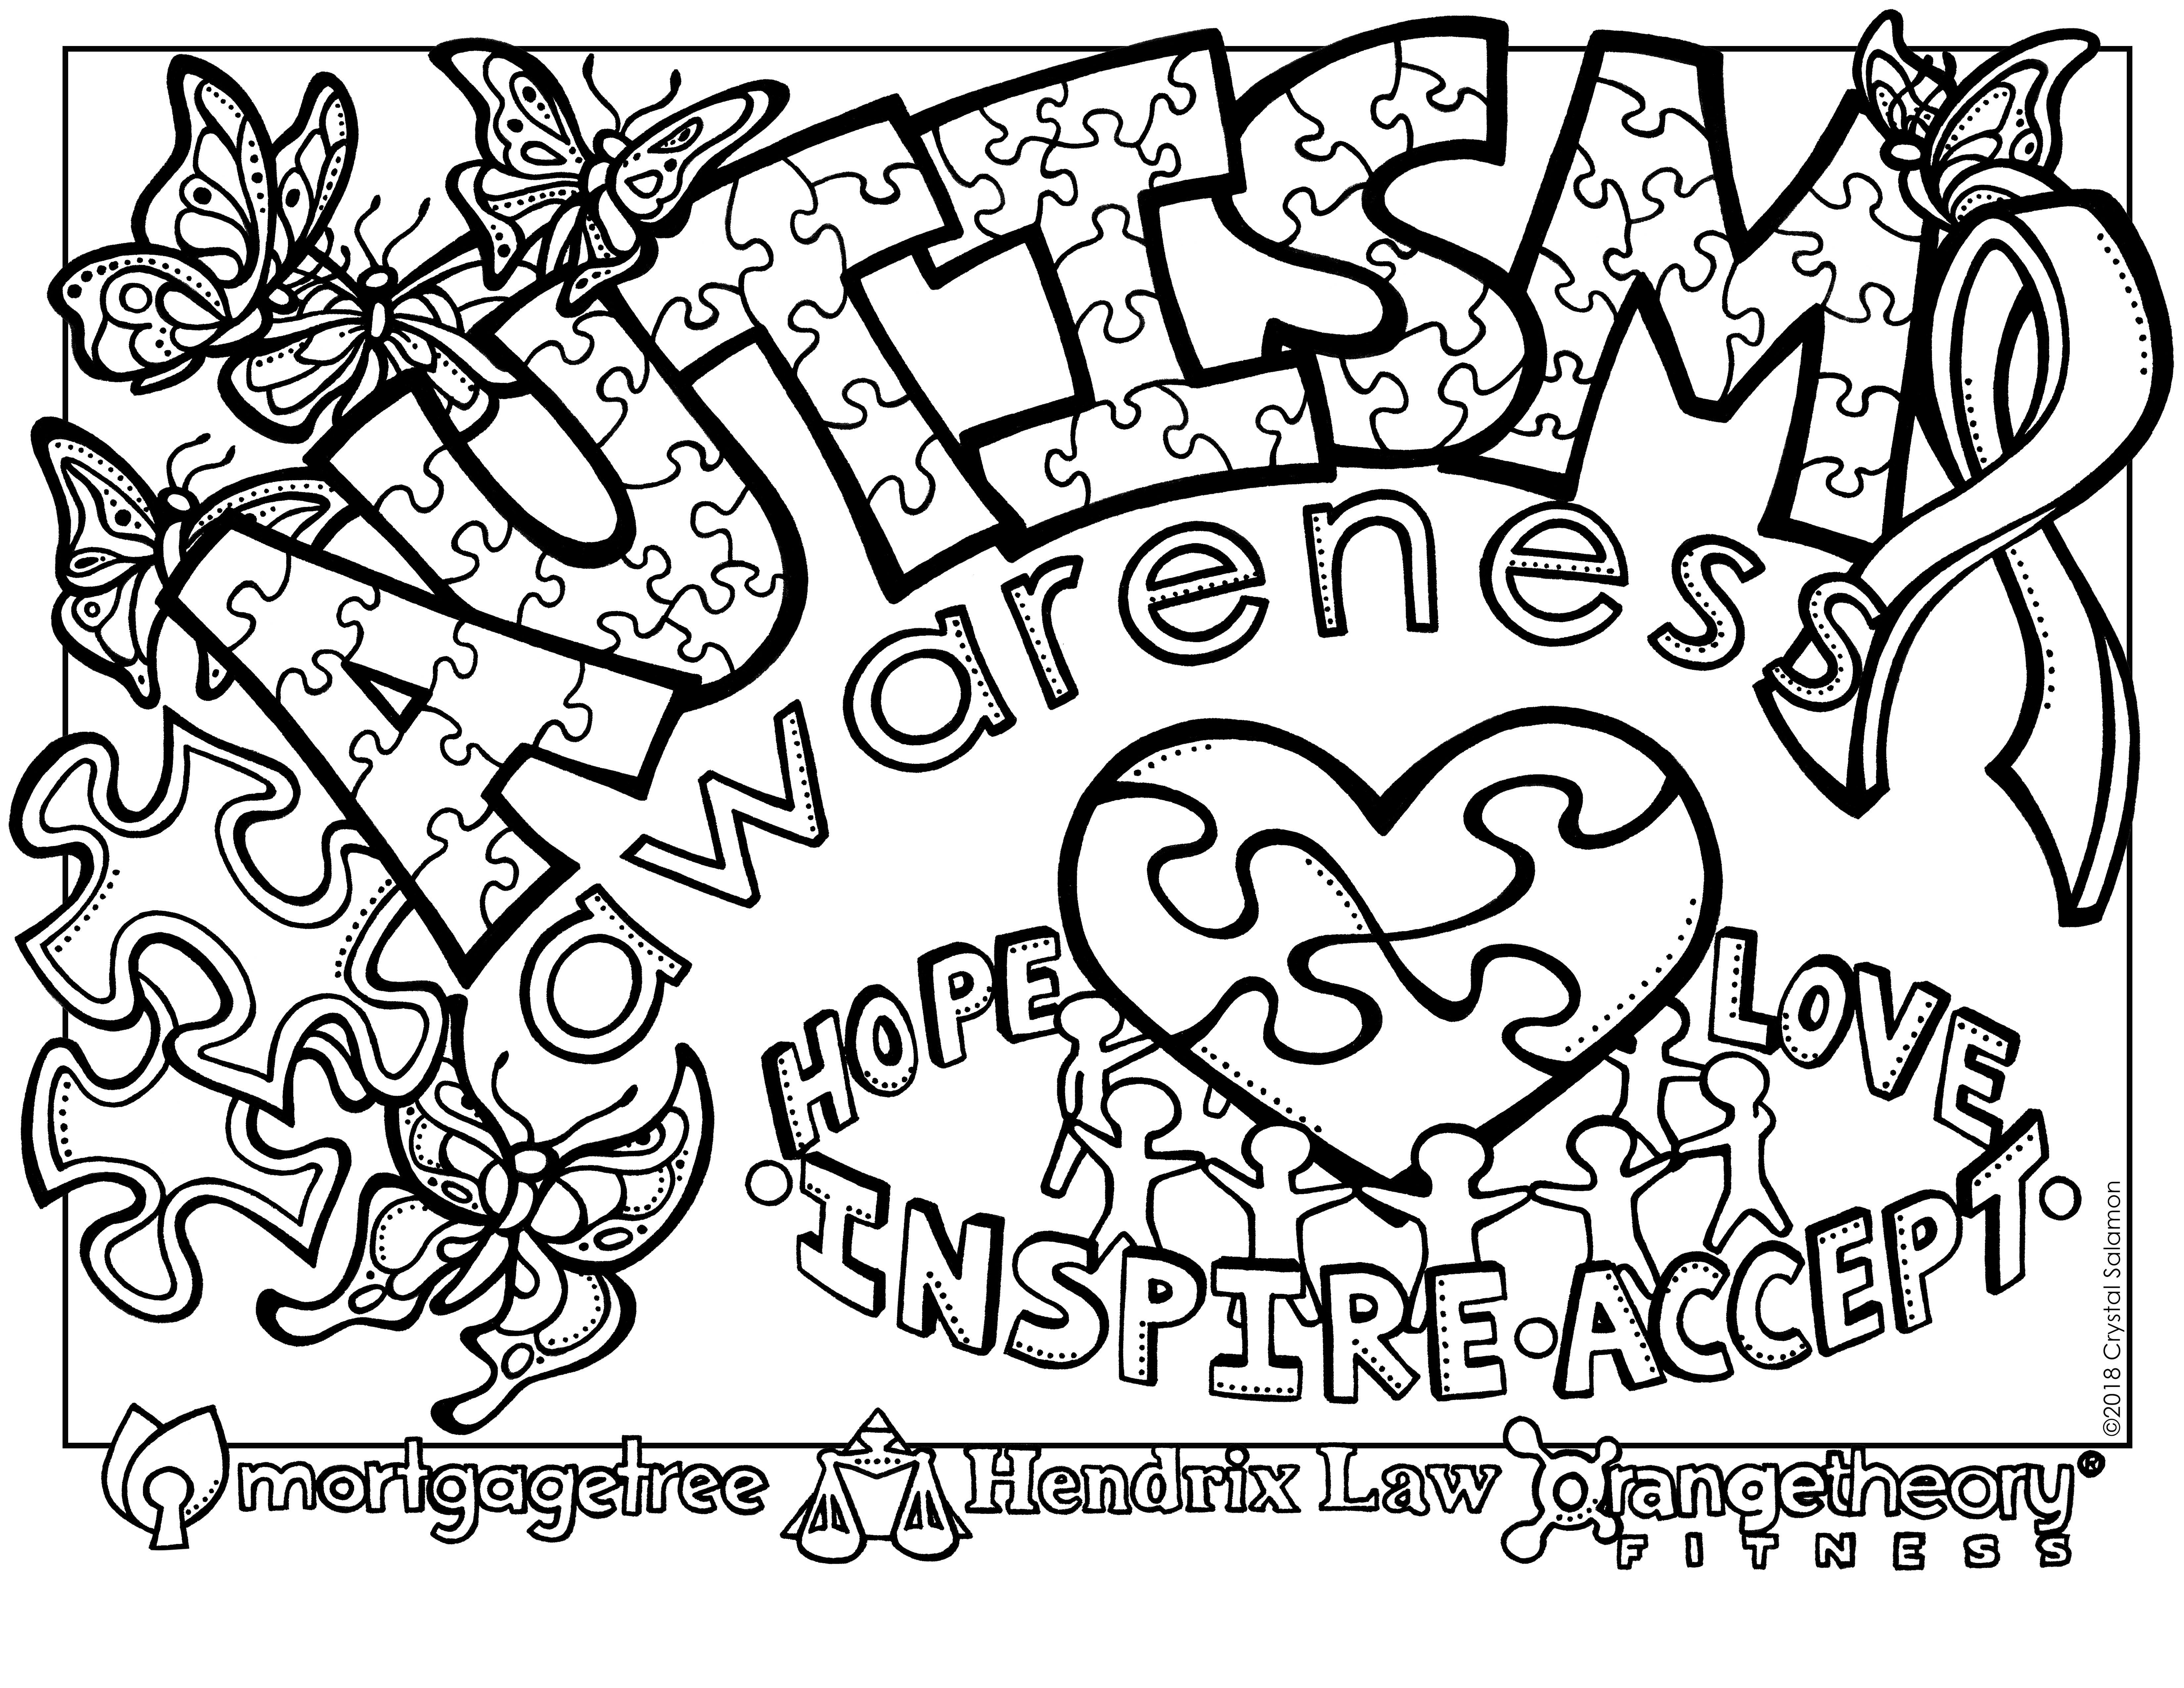 Autismawarenesscolouringcontest2018 Jpg 6 600 5 100 Pixels Coloring Contest Coloring Pages Autism Colors